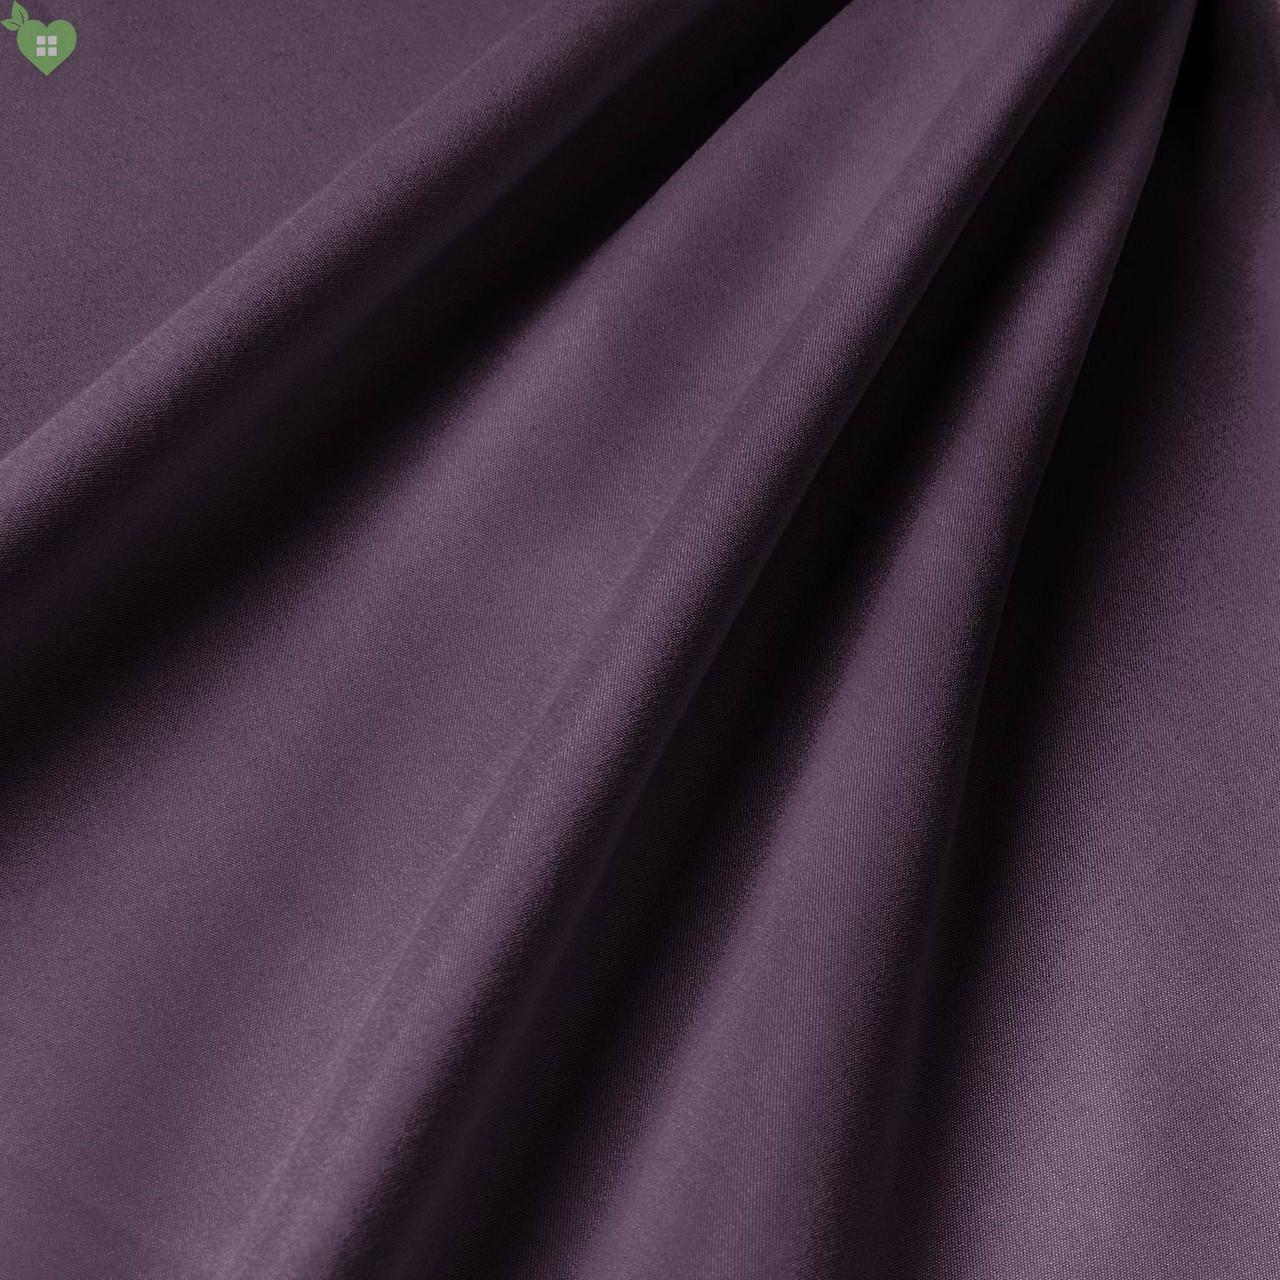 Підкладкова тканина матова фактура блискучого темно-пурпурного кольору Іспанія 83313v16